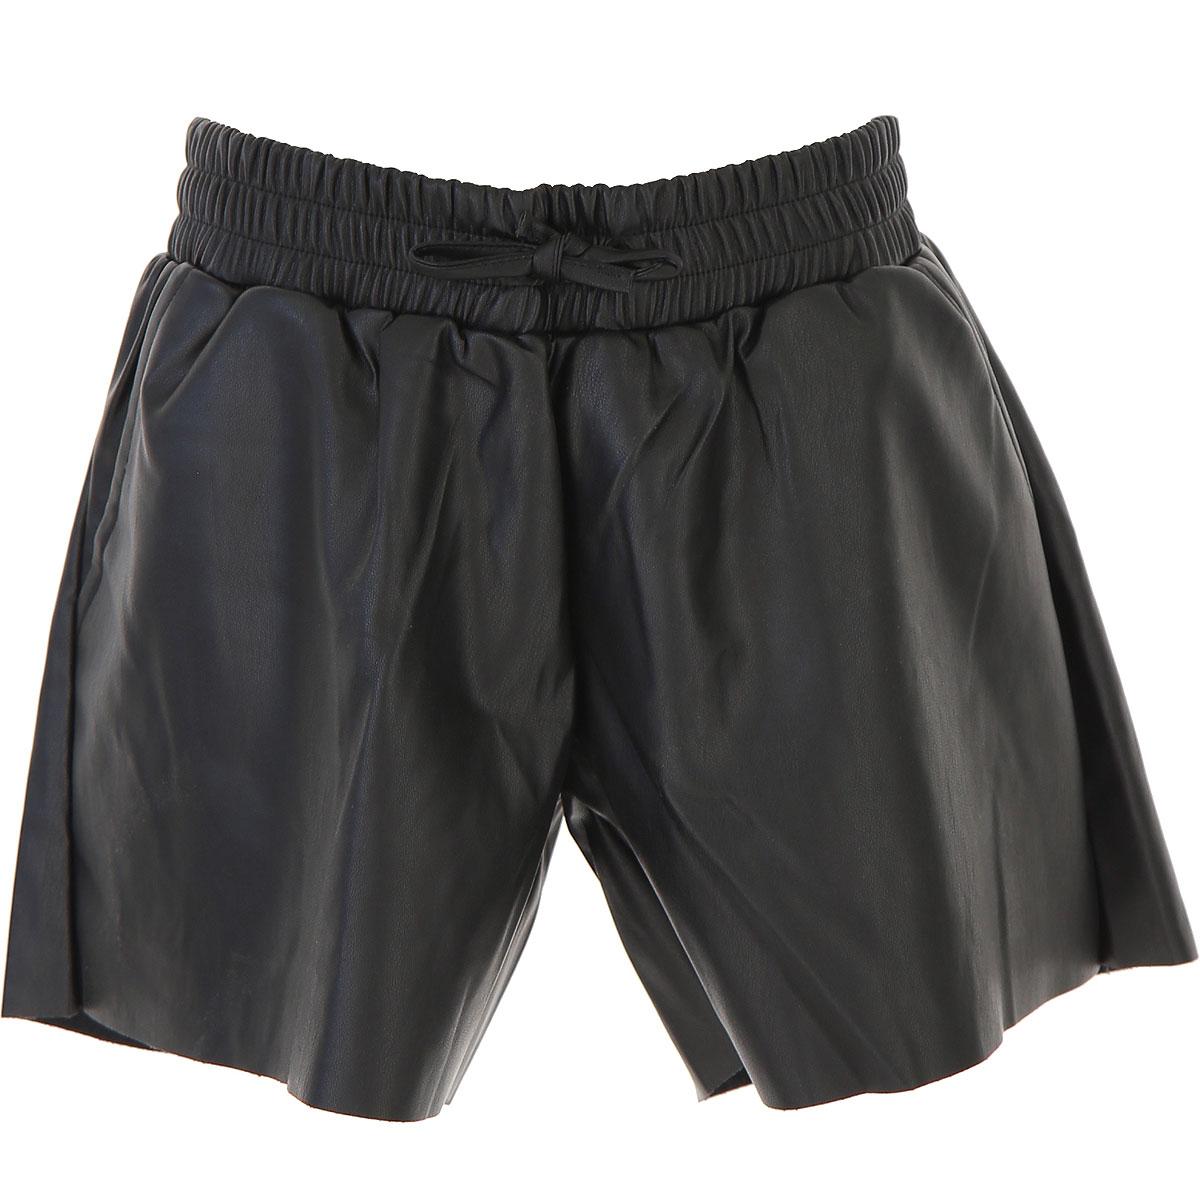 Zadig & Voltaire Kids Shorts for Girls On Sale, Black, polyester, 2019, 10Y 12Y 14Y 16Y 8Y